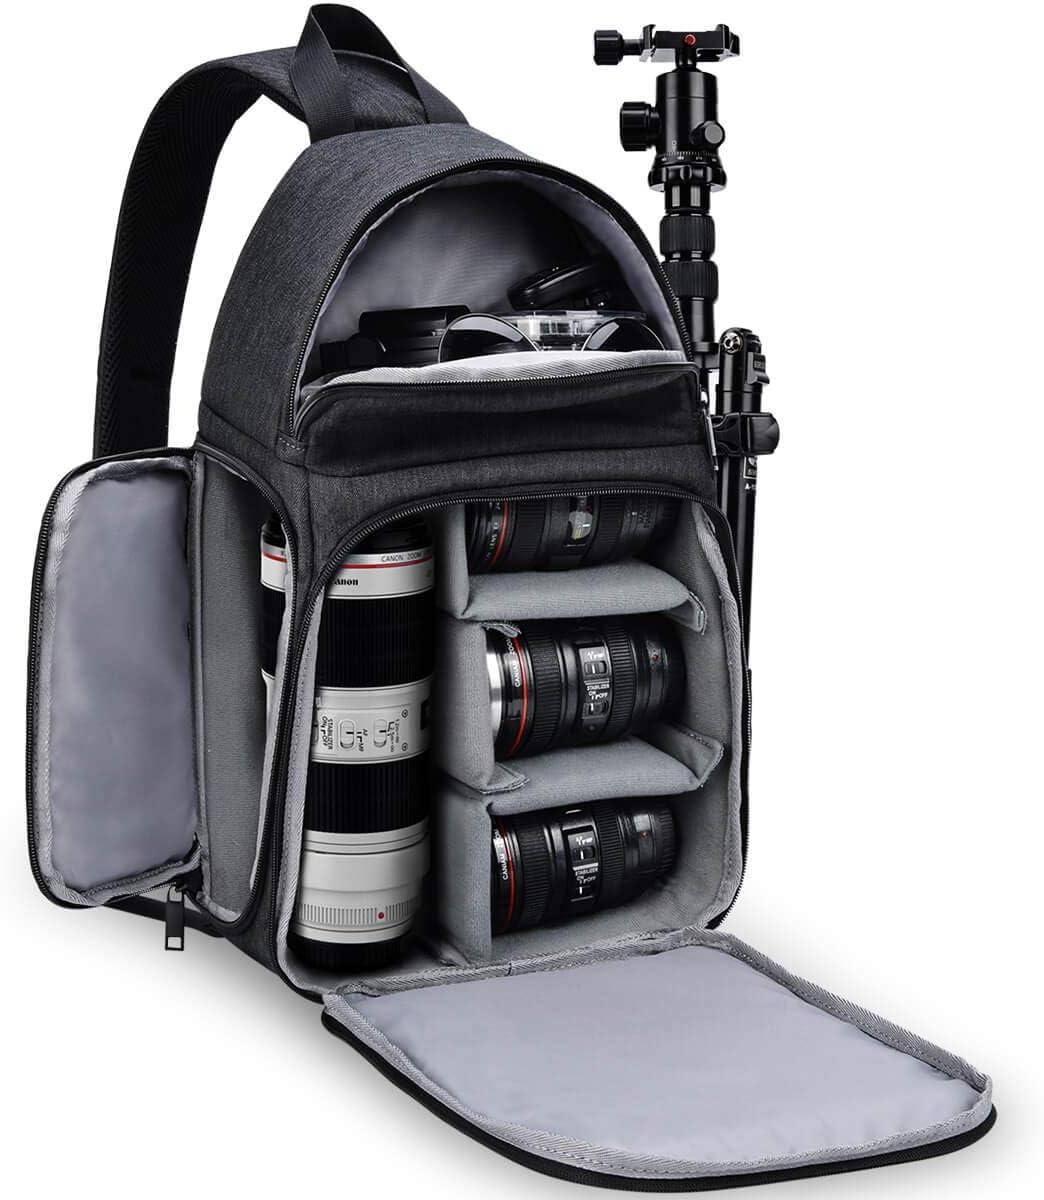 Waterproof Sling Backpack DSLR SLR Camera Case Single Shoulder Bag for Nikon